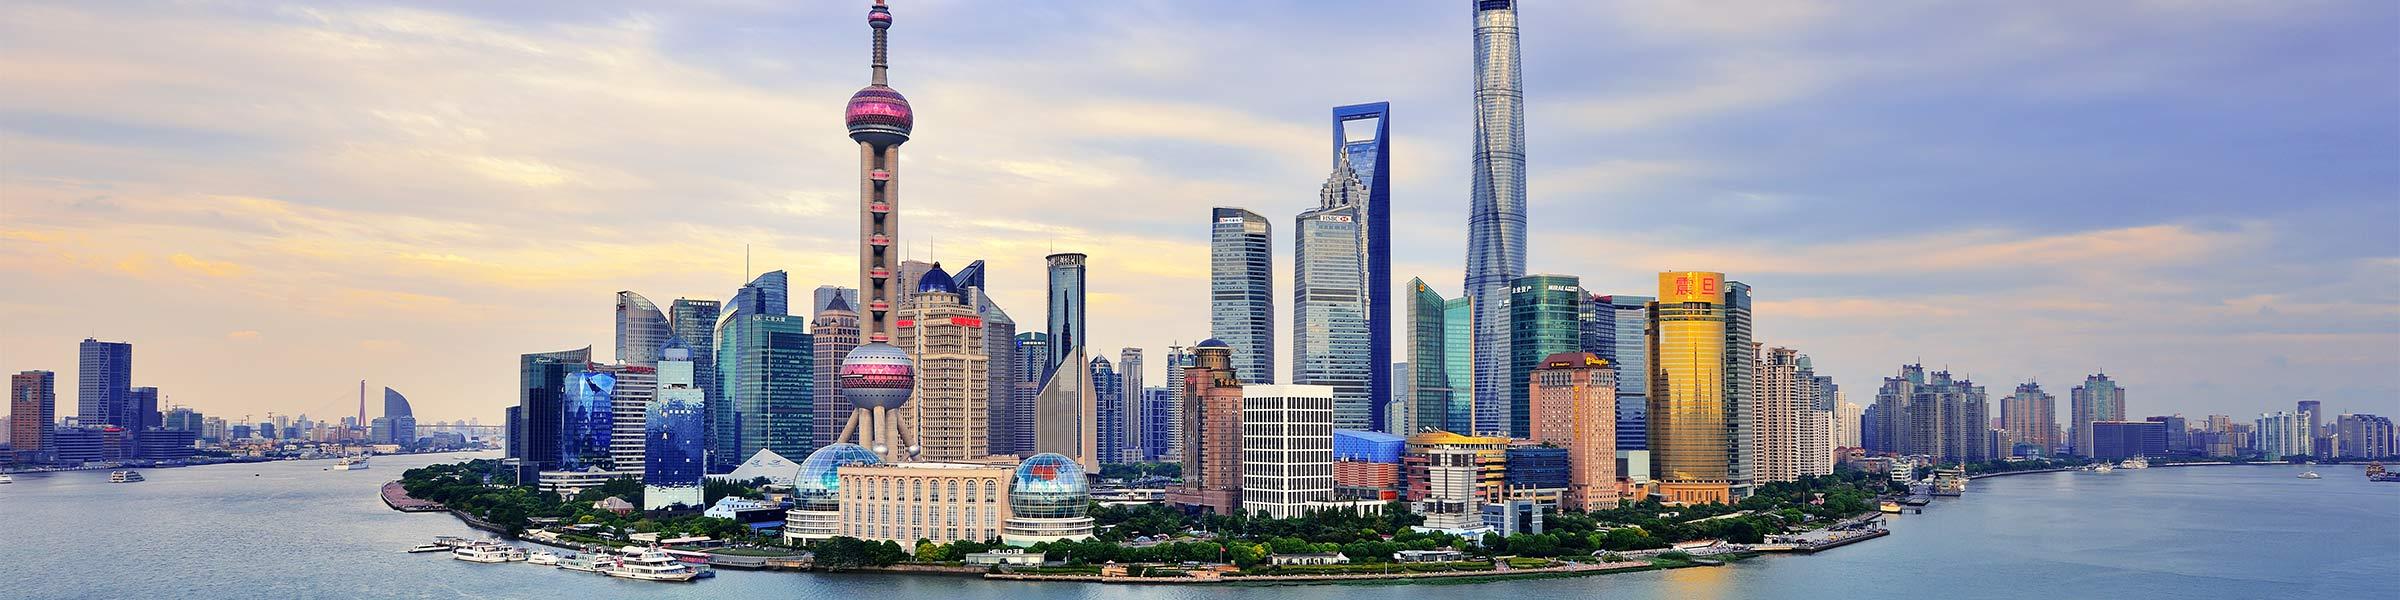 外滩-上海城市天际线